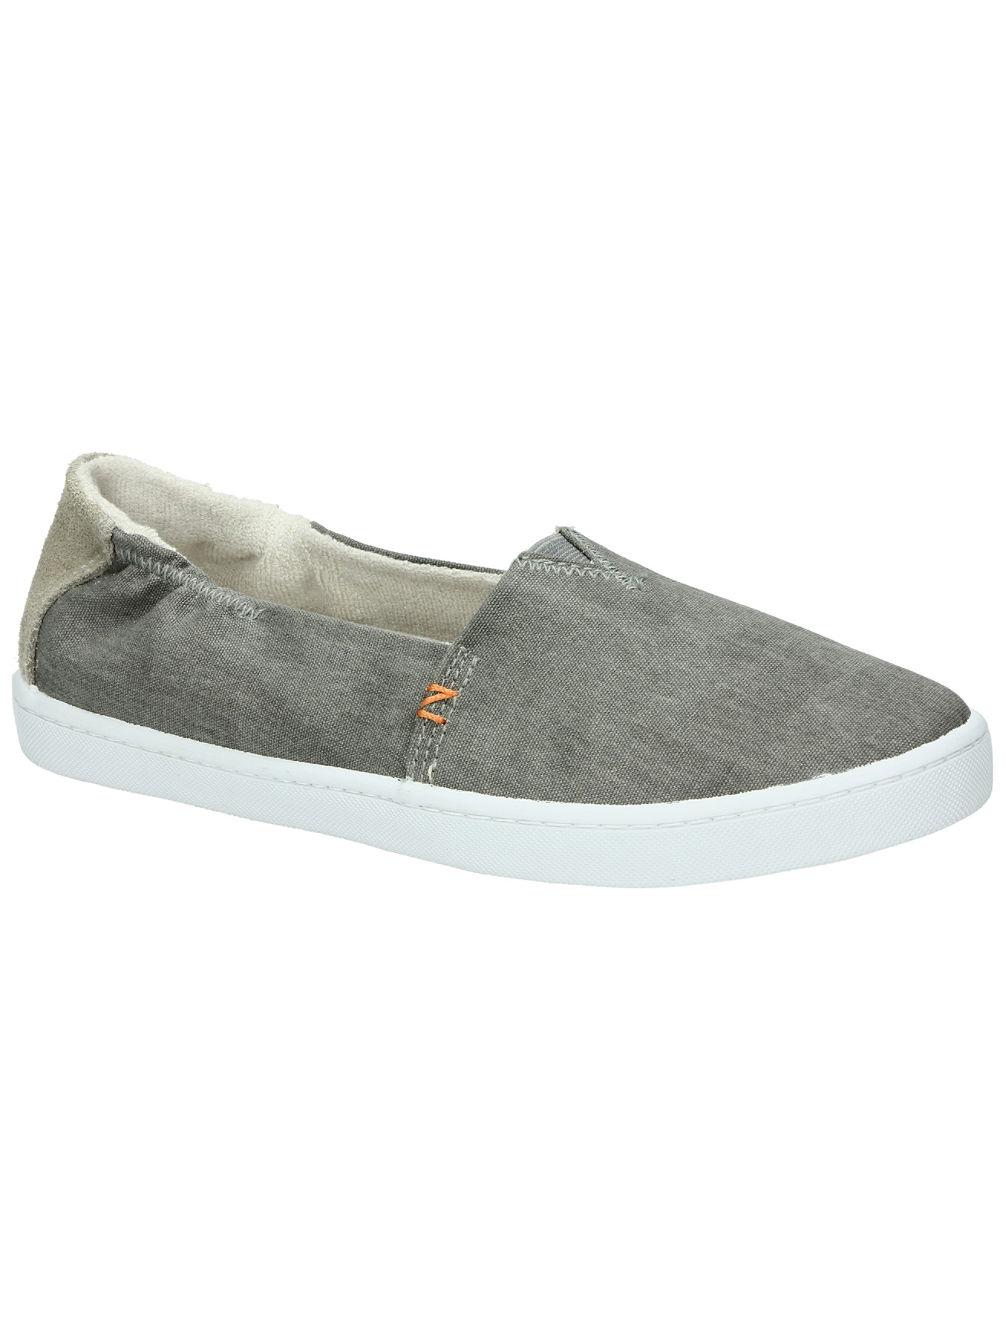 hub-fuji-slippers